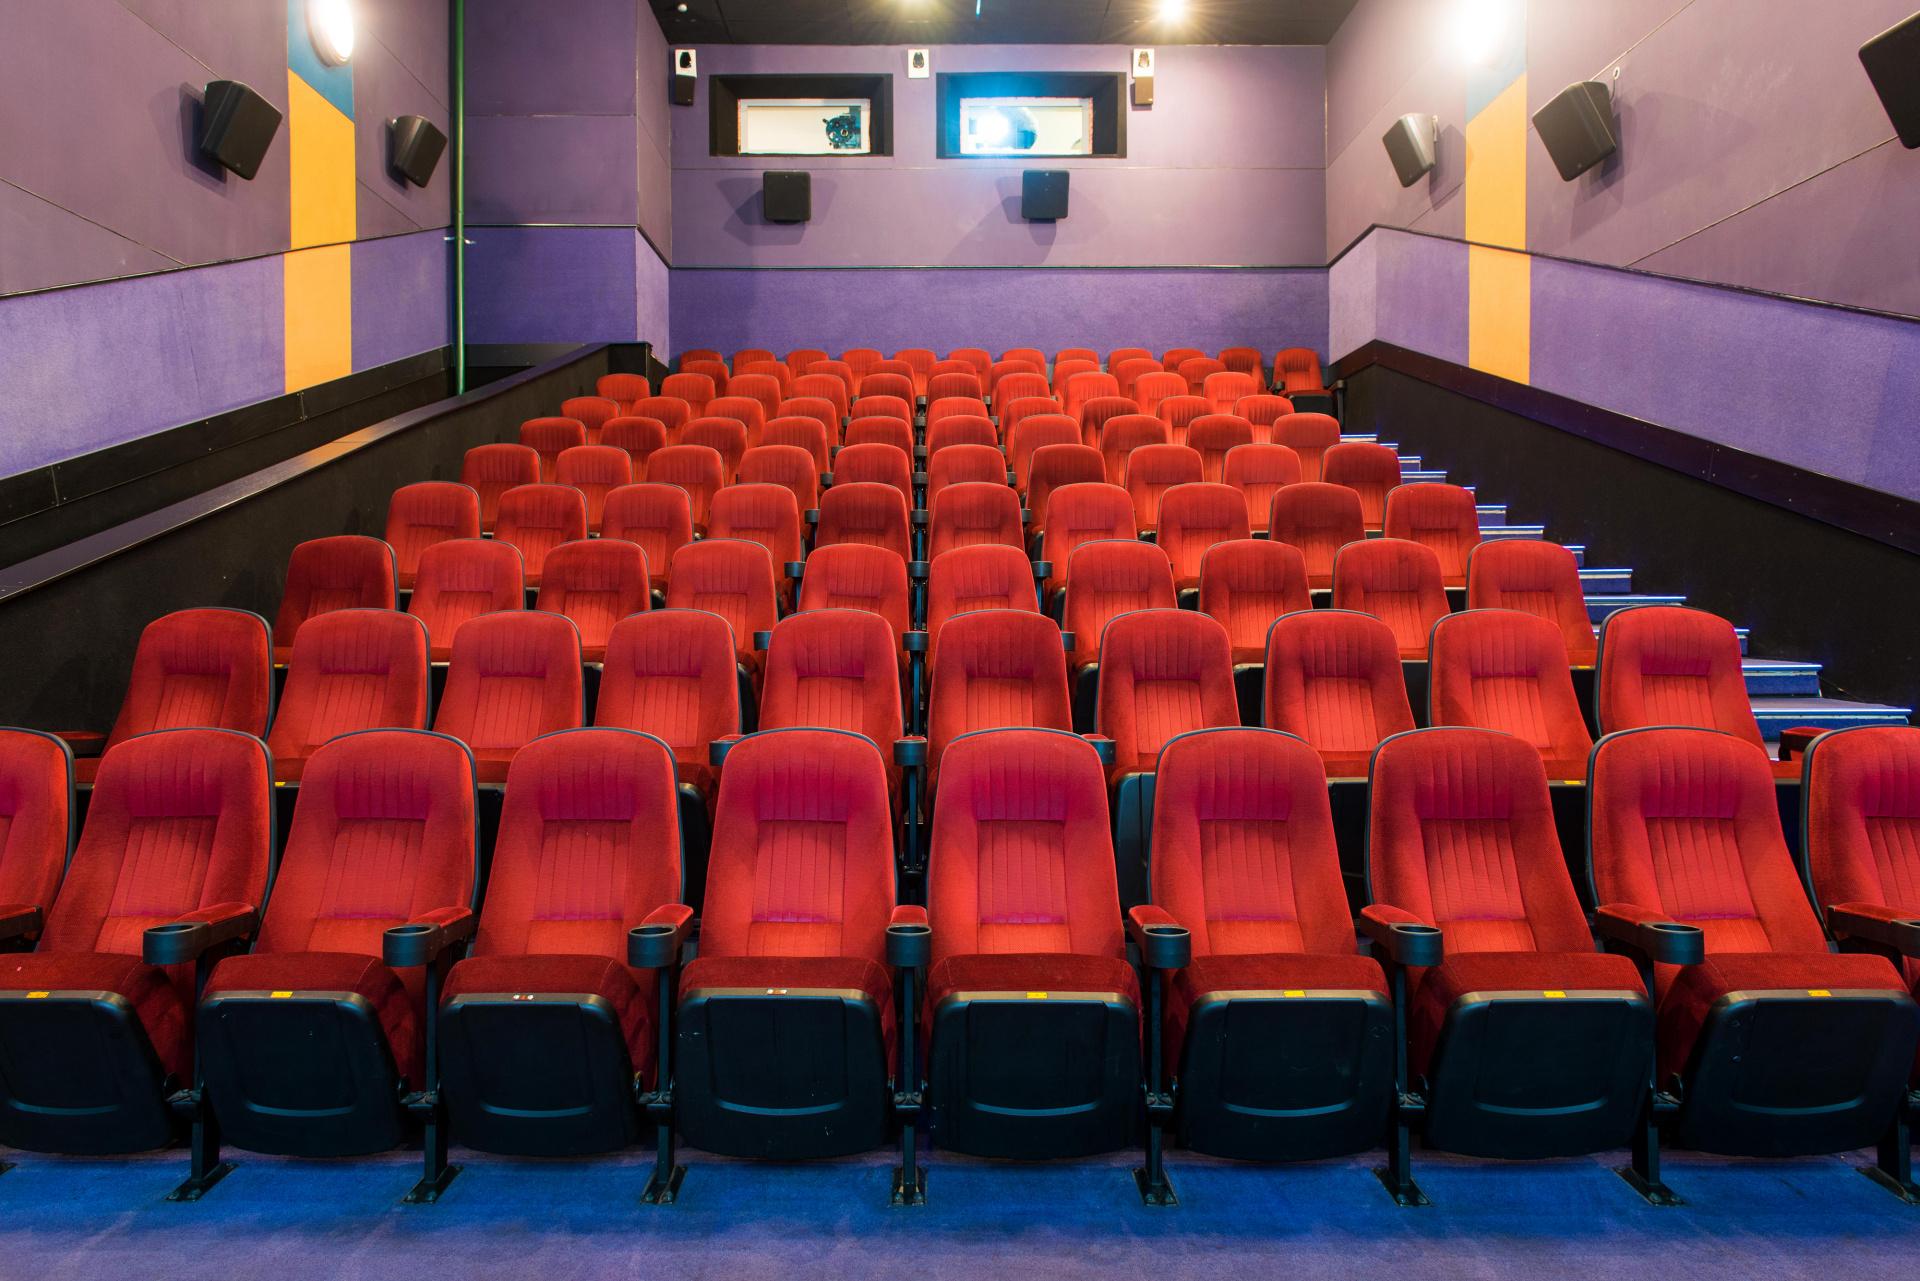 Россия вошла в топ-5 кинопрокатных рынков мира за начало 2021 года